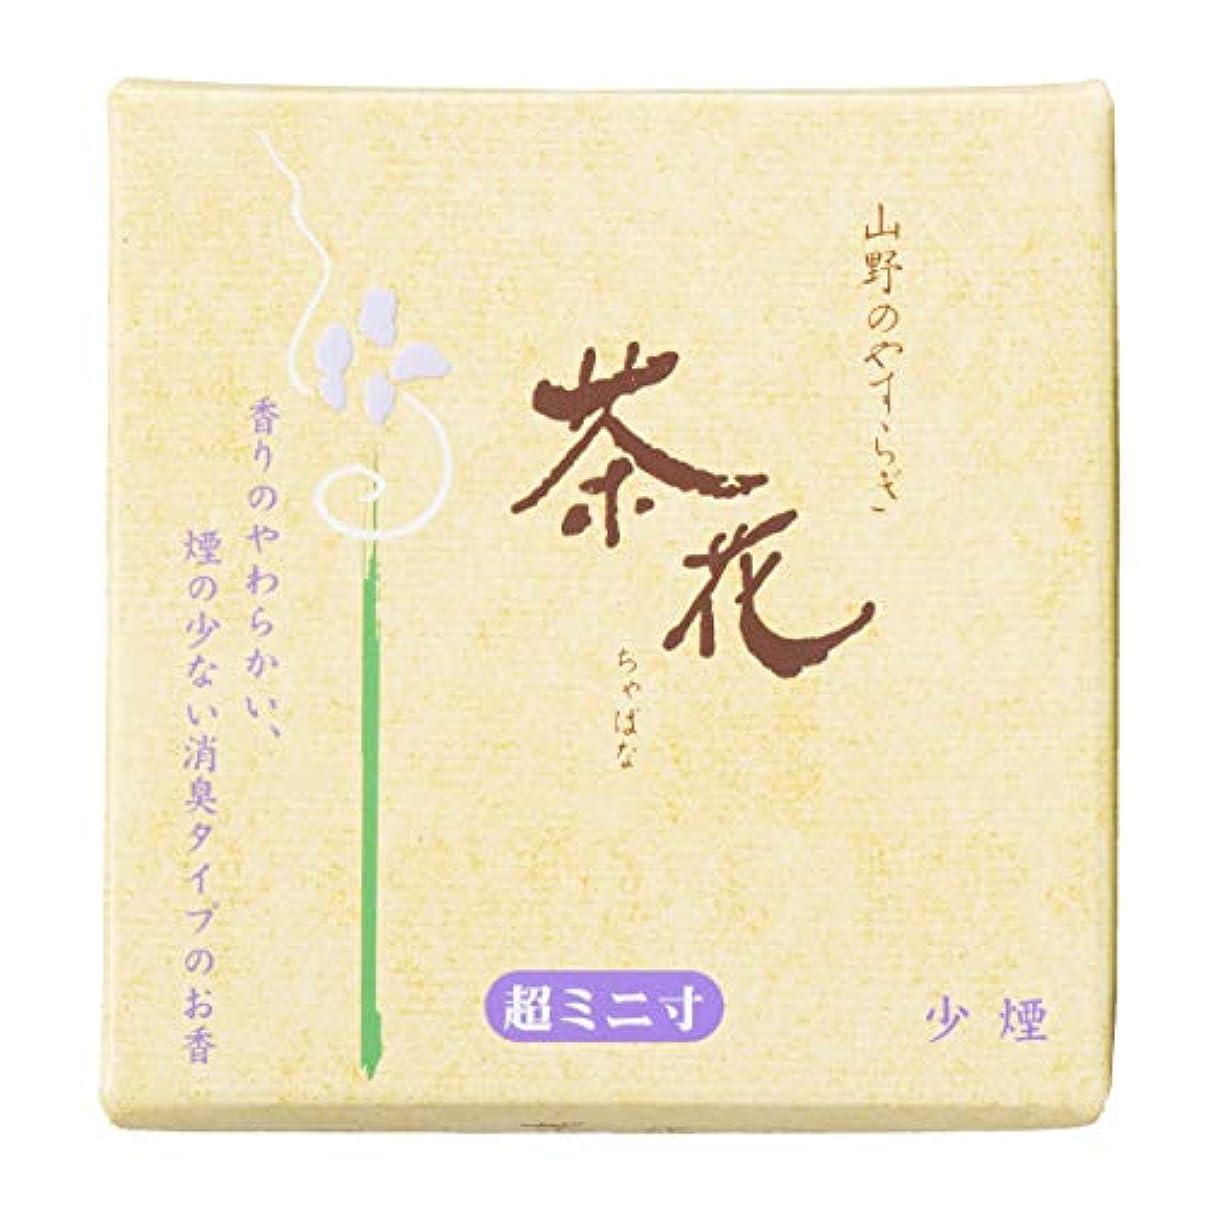 ヘルパー雪だるまを作る体細胞尚林堂(Shorindo) 線香 黄箱 6cm 茶花 少煙 超ミニ寸 159120-1040